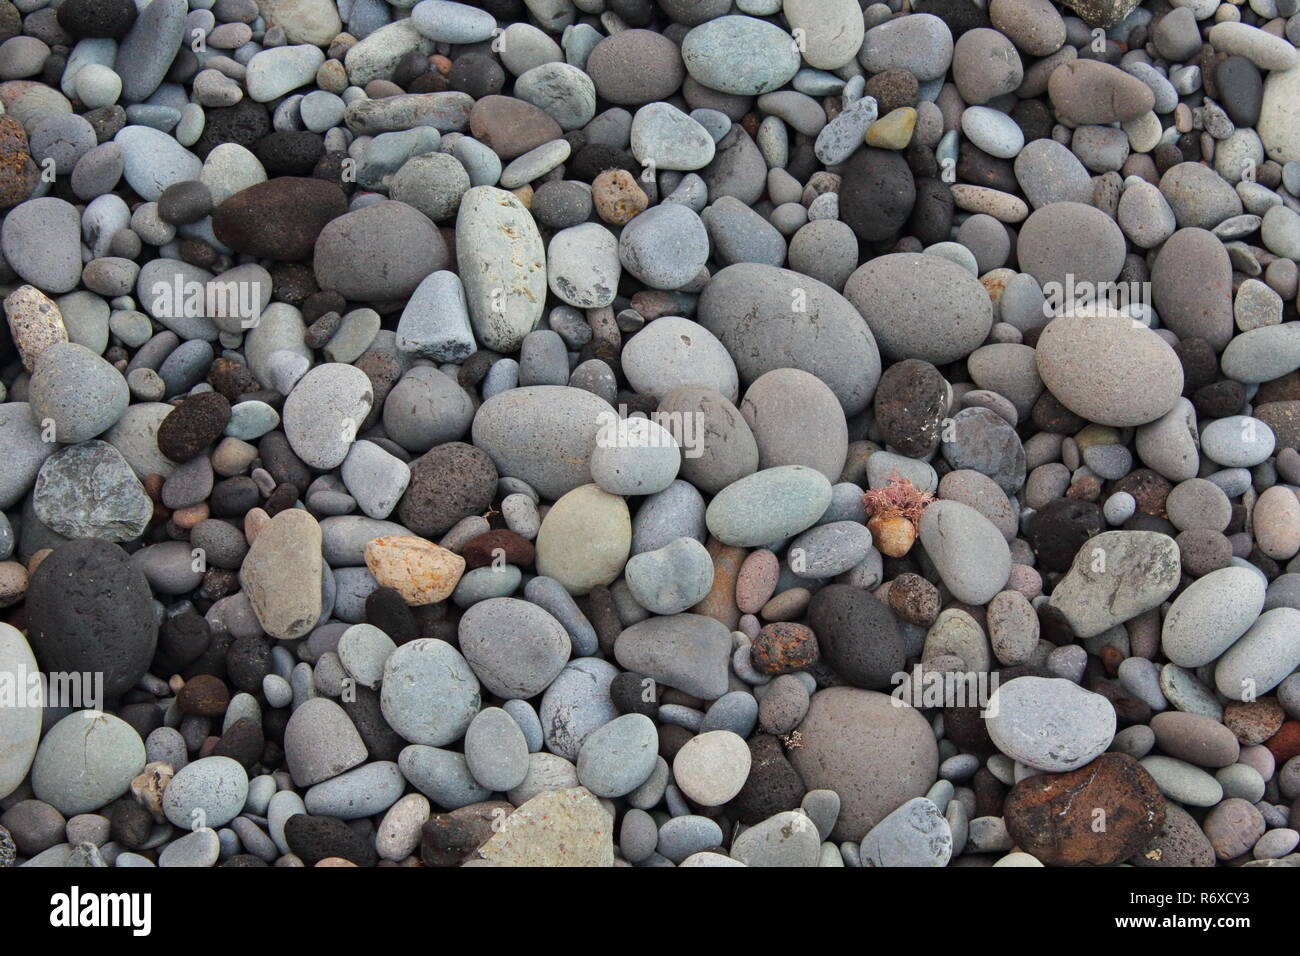 Piedras.  Stone - Stock Image